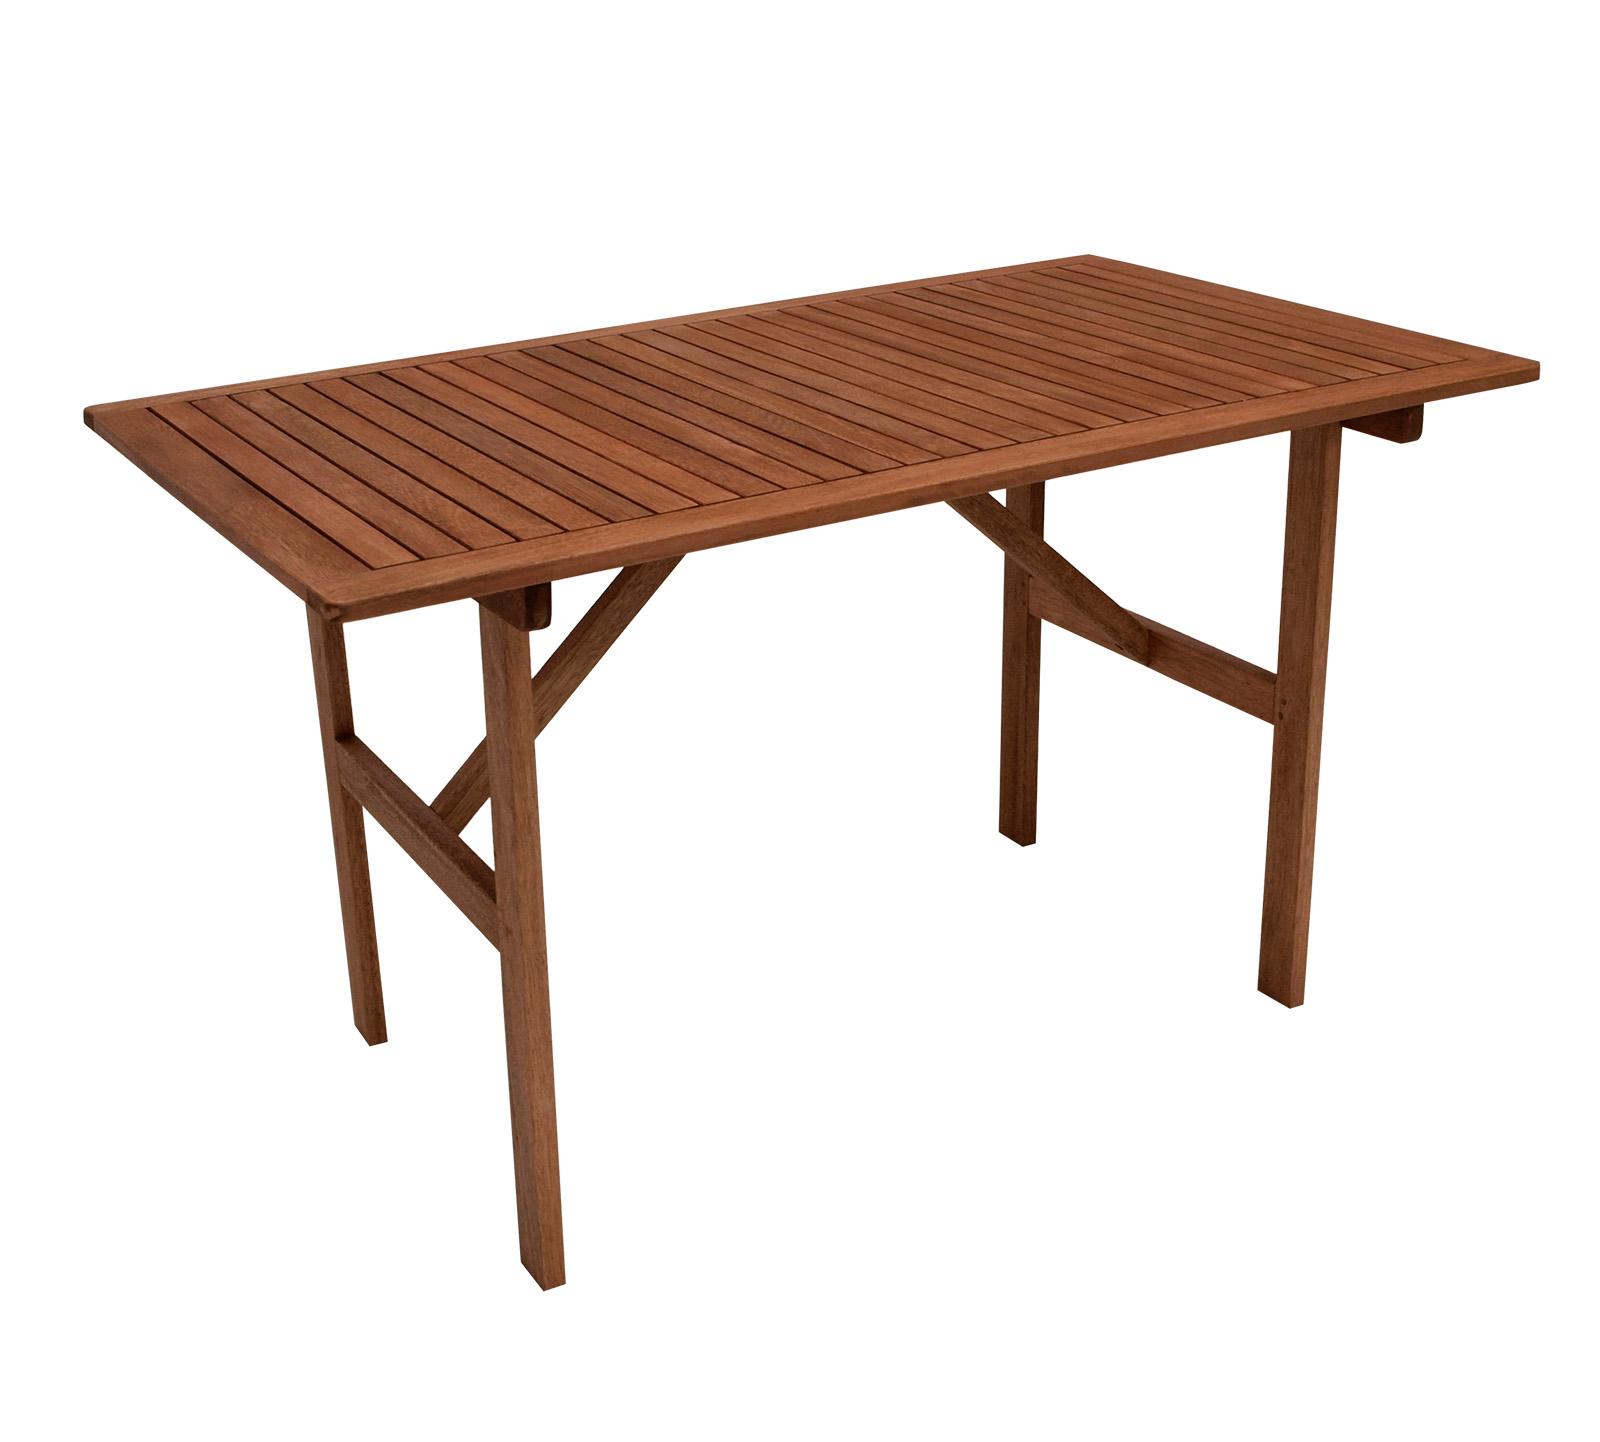 Tisch BRASILIA 120x70cm, Eukalyptus geölt, FSC®-zertifiziert